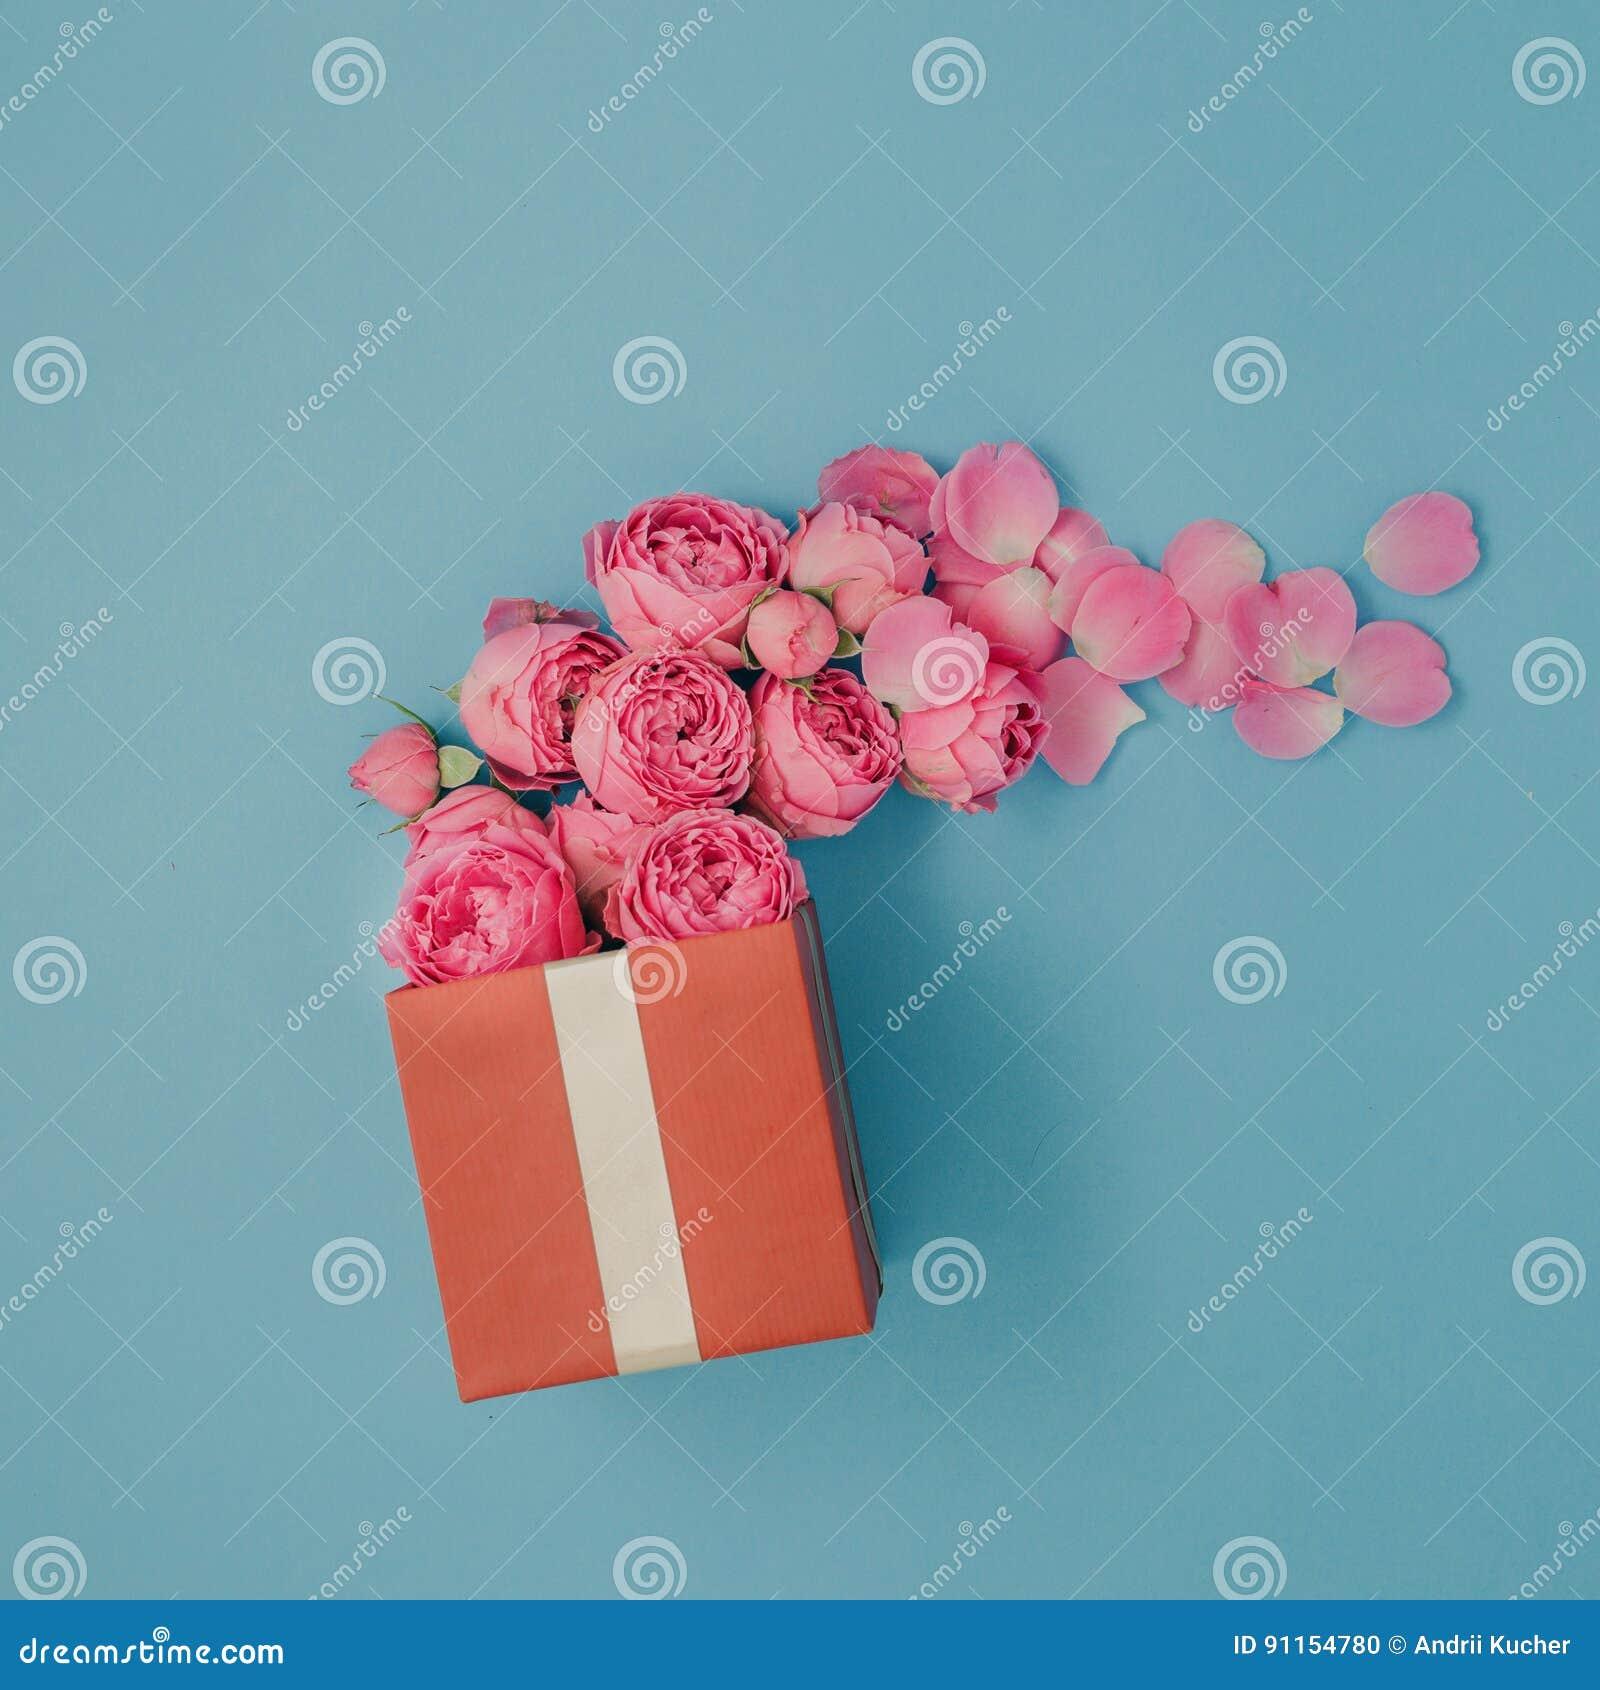 Caja de regalo roja llena de rosas rosadas en fondo azul